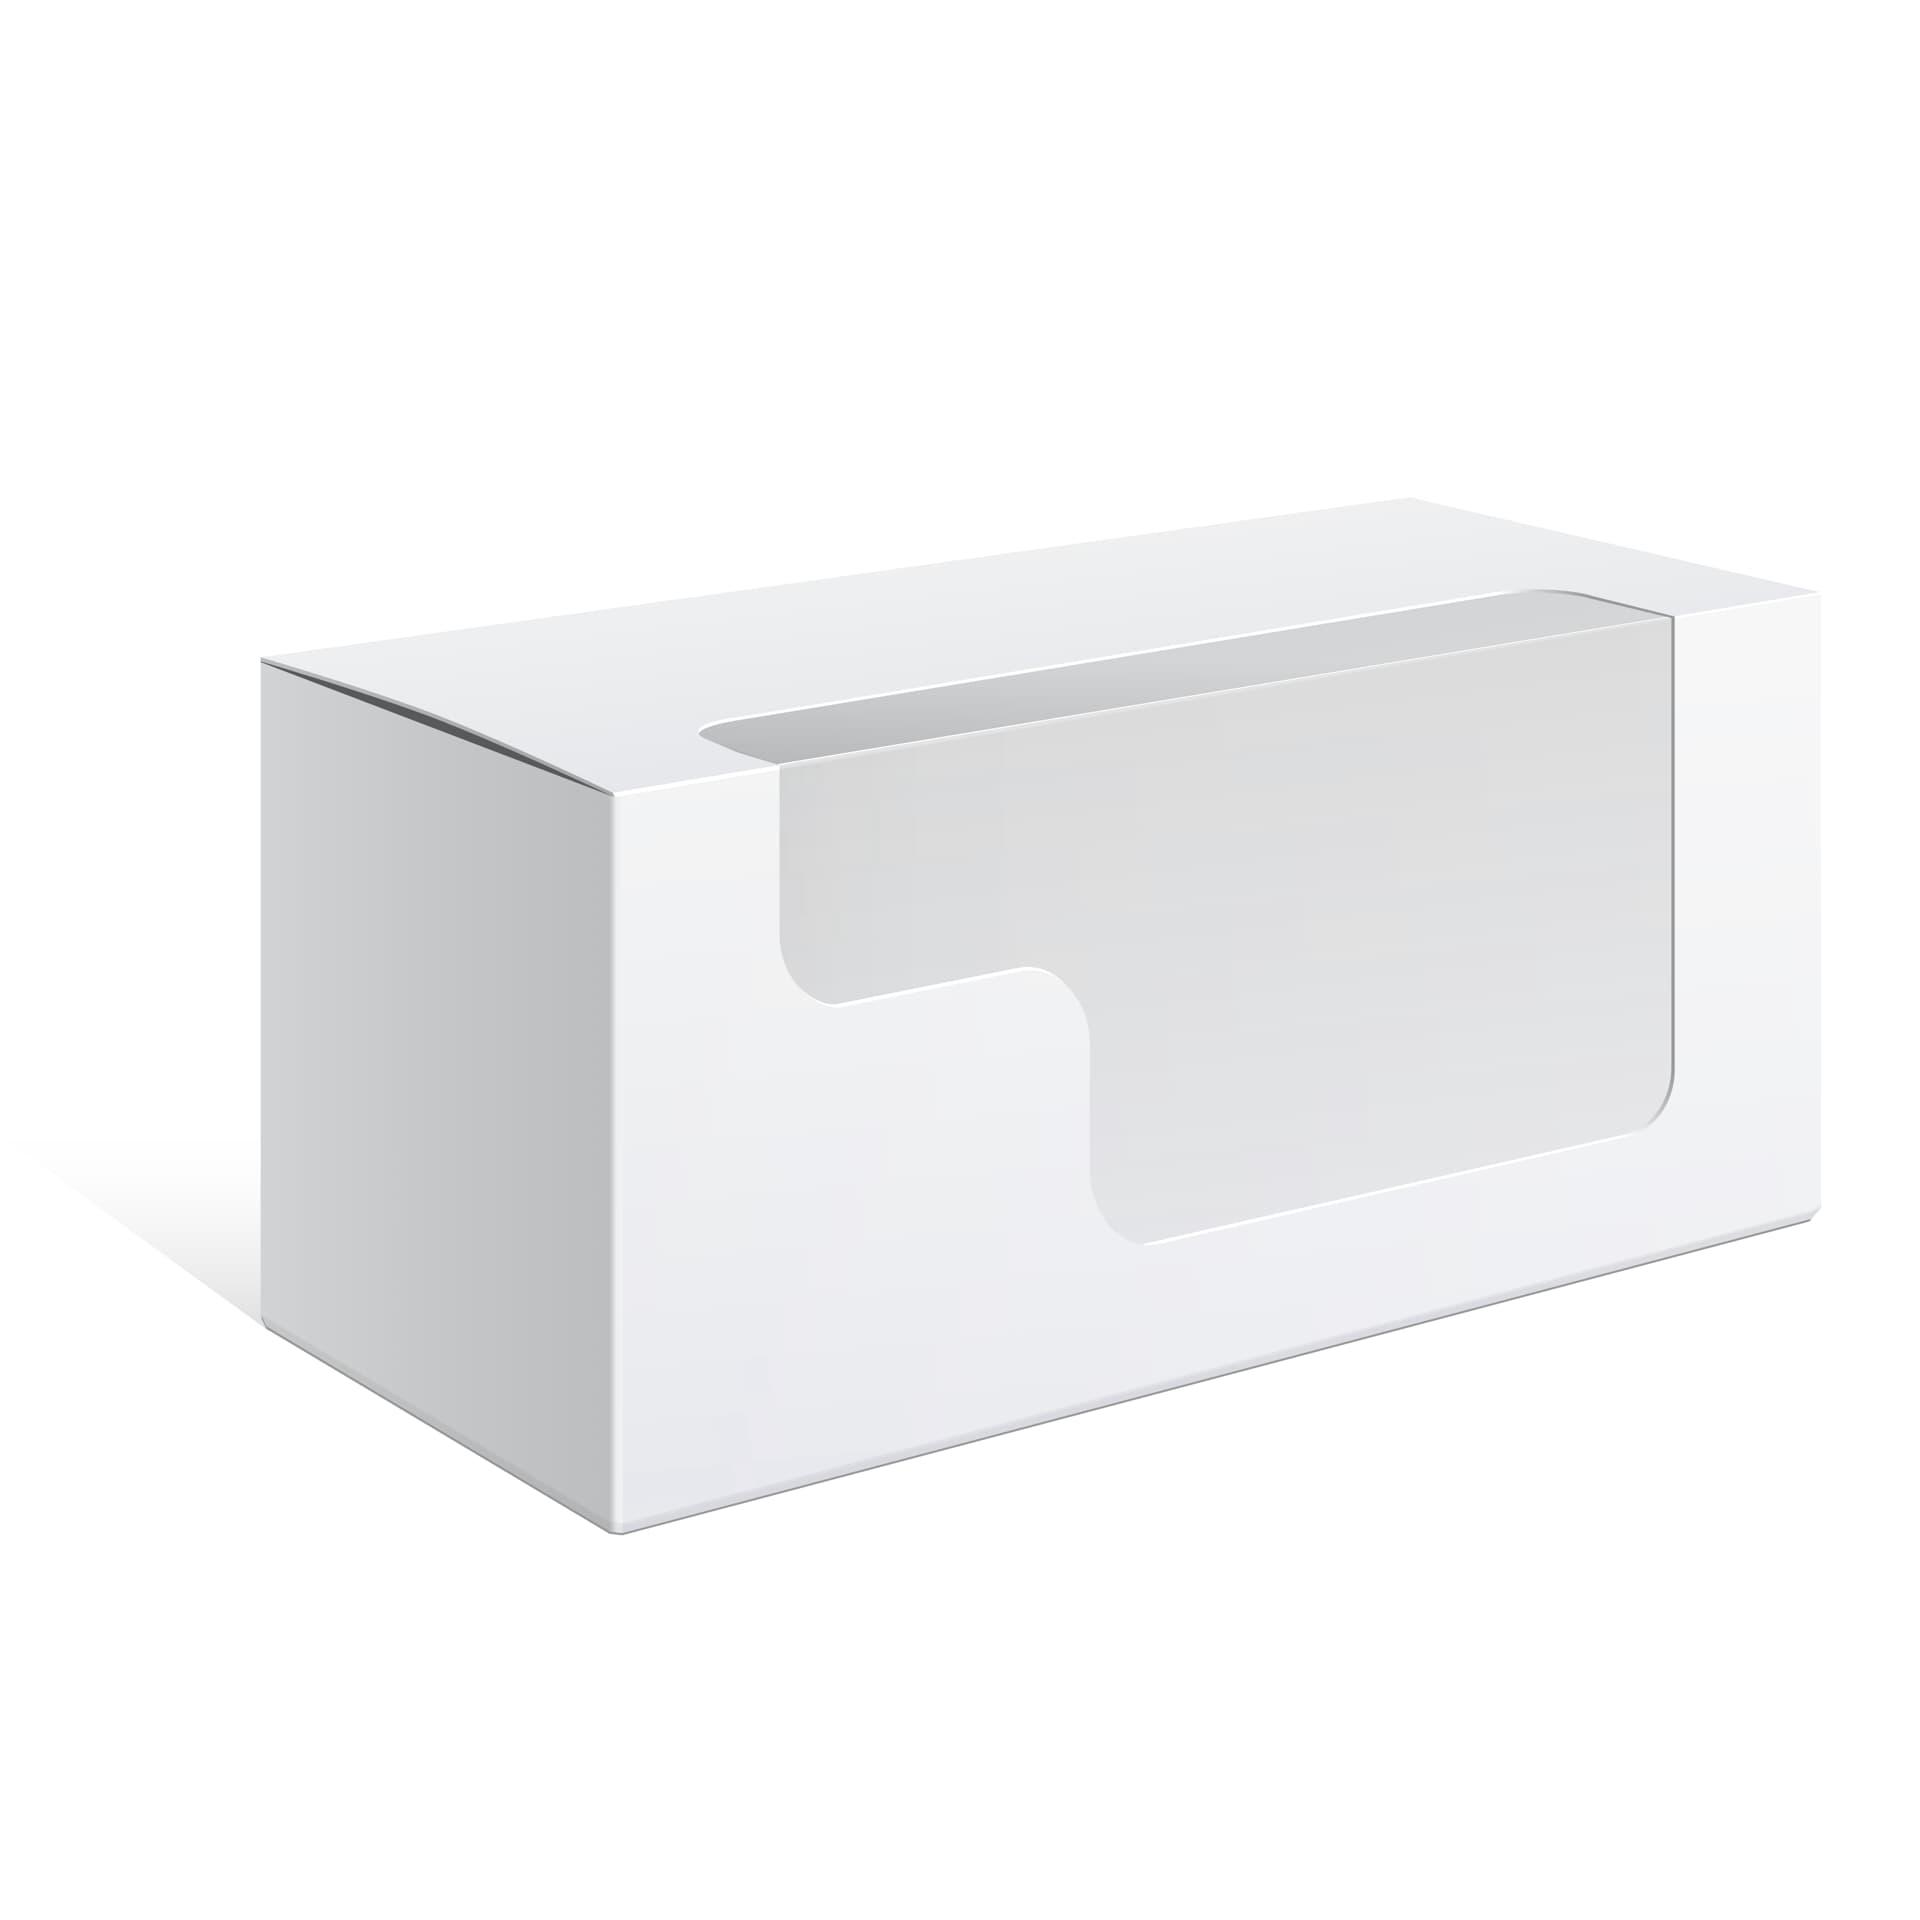 Embalagem Retangular com Visor Diferente